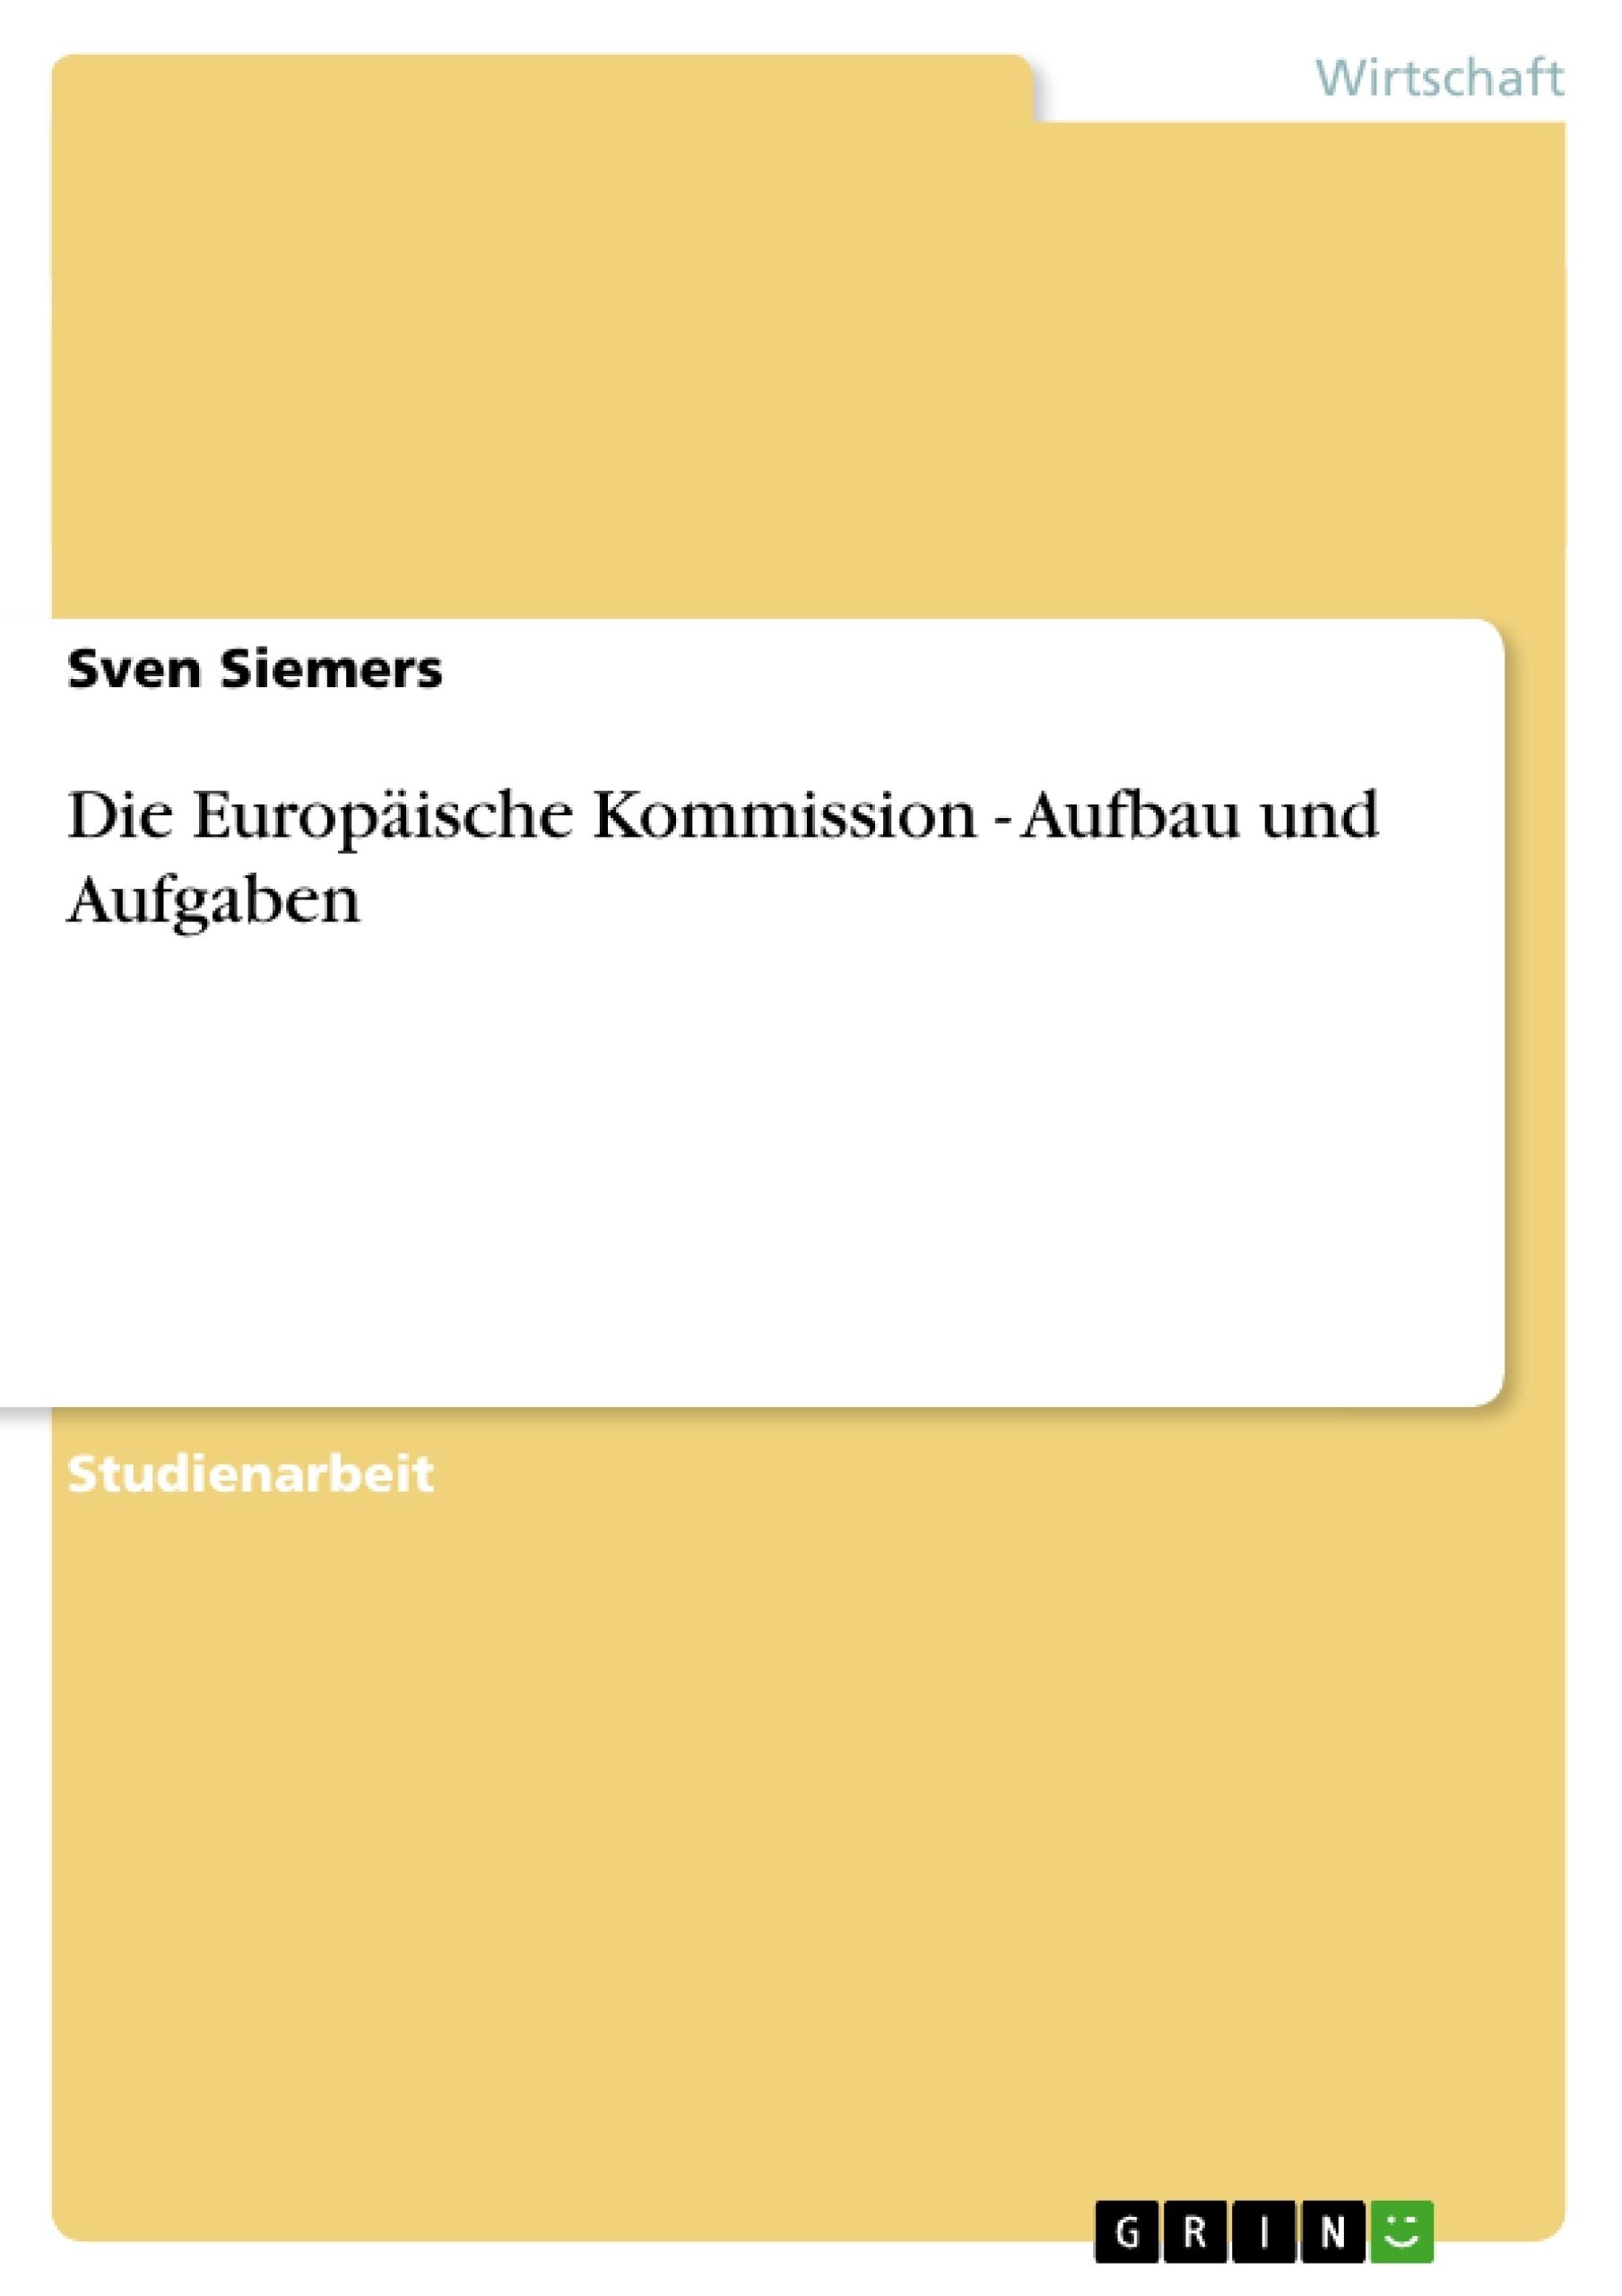 Titel: Die Europäische Kommission - Aufbau und Aufgaben